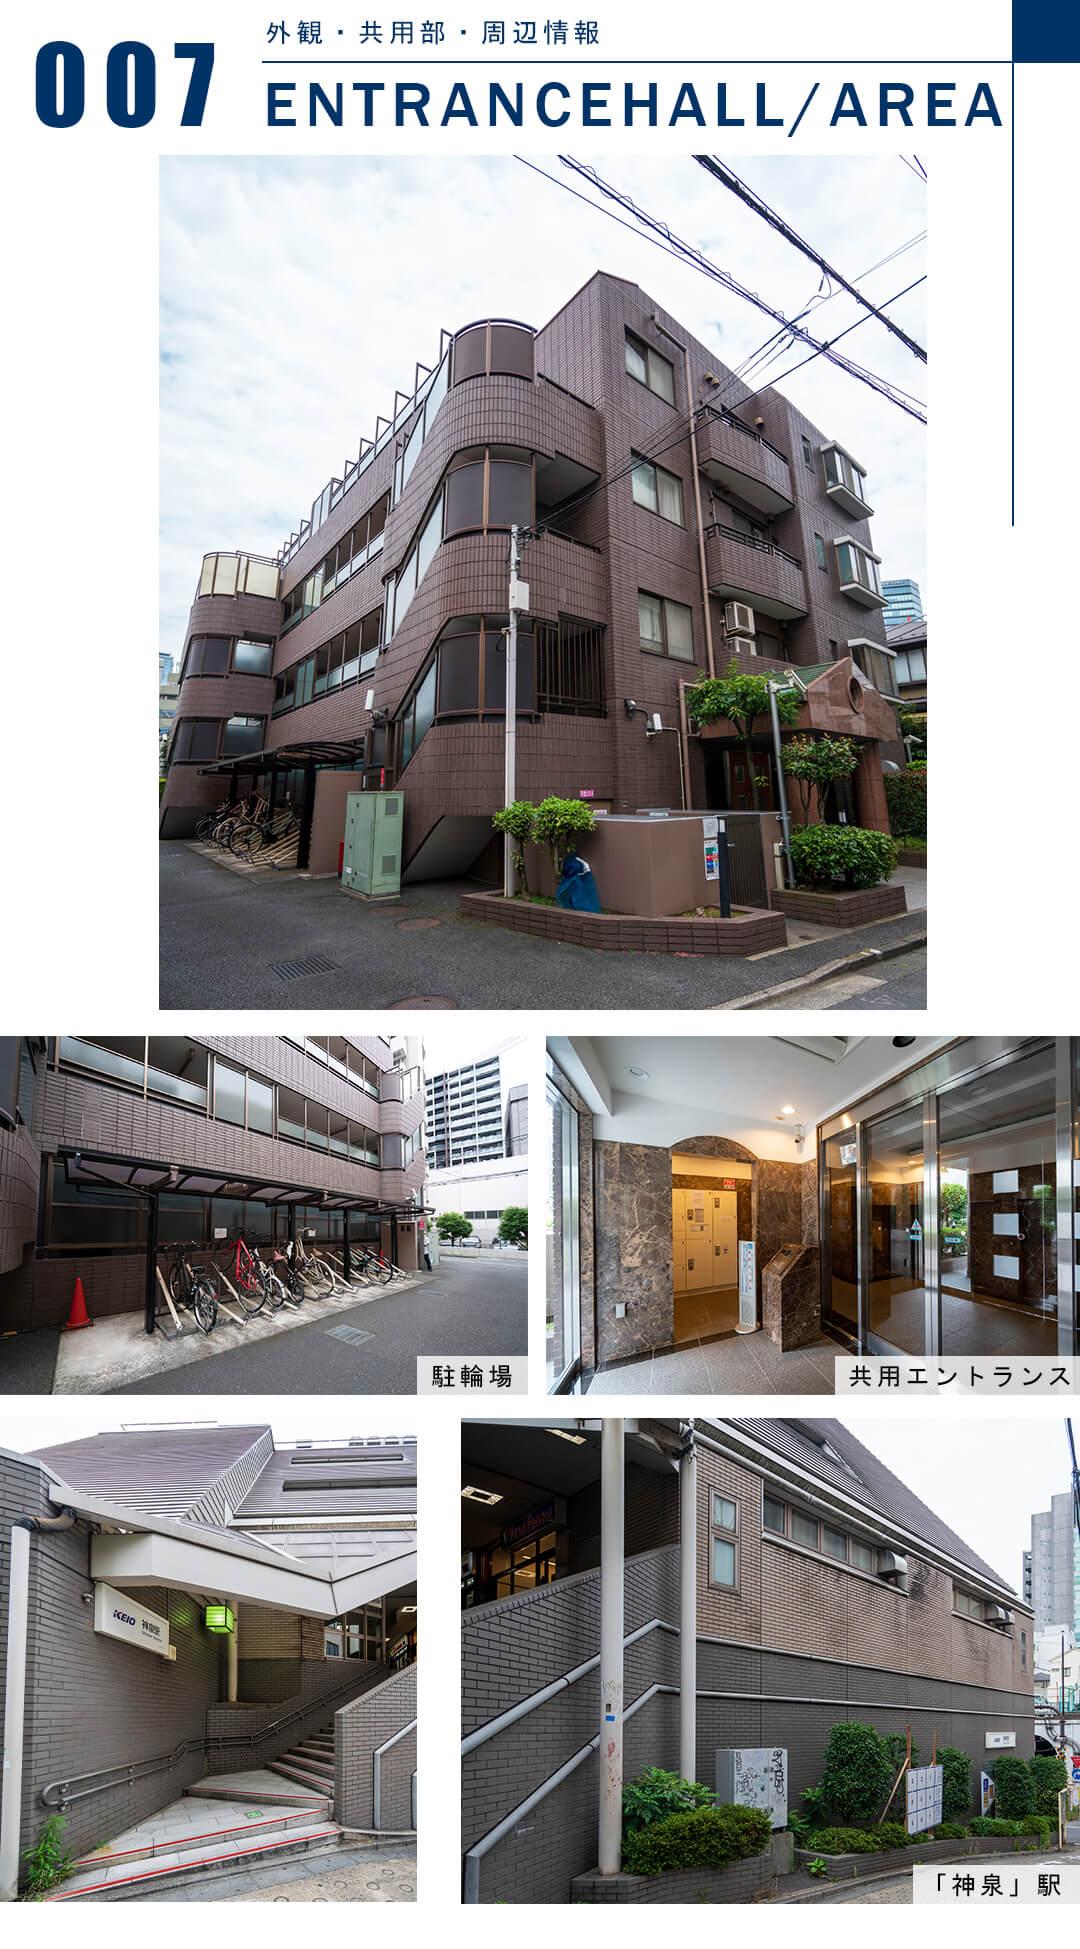 スカーラ渋谷松濤南の外観と共用部と周辺情報